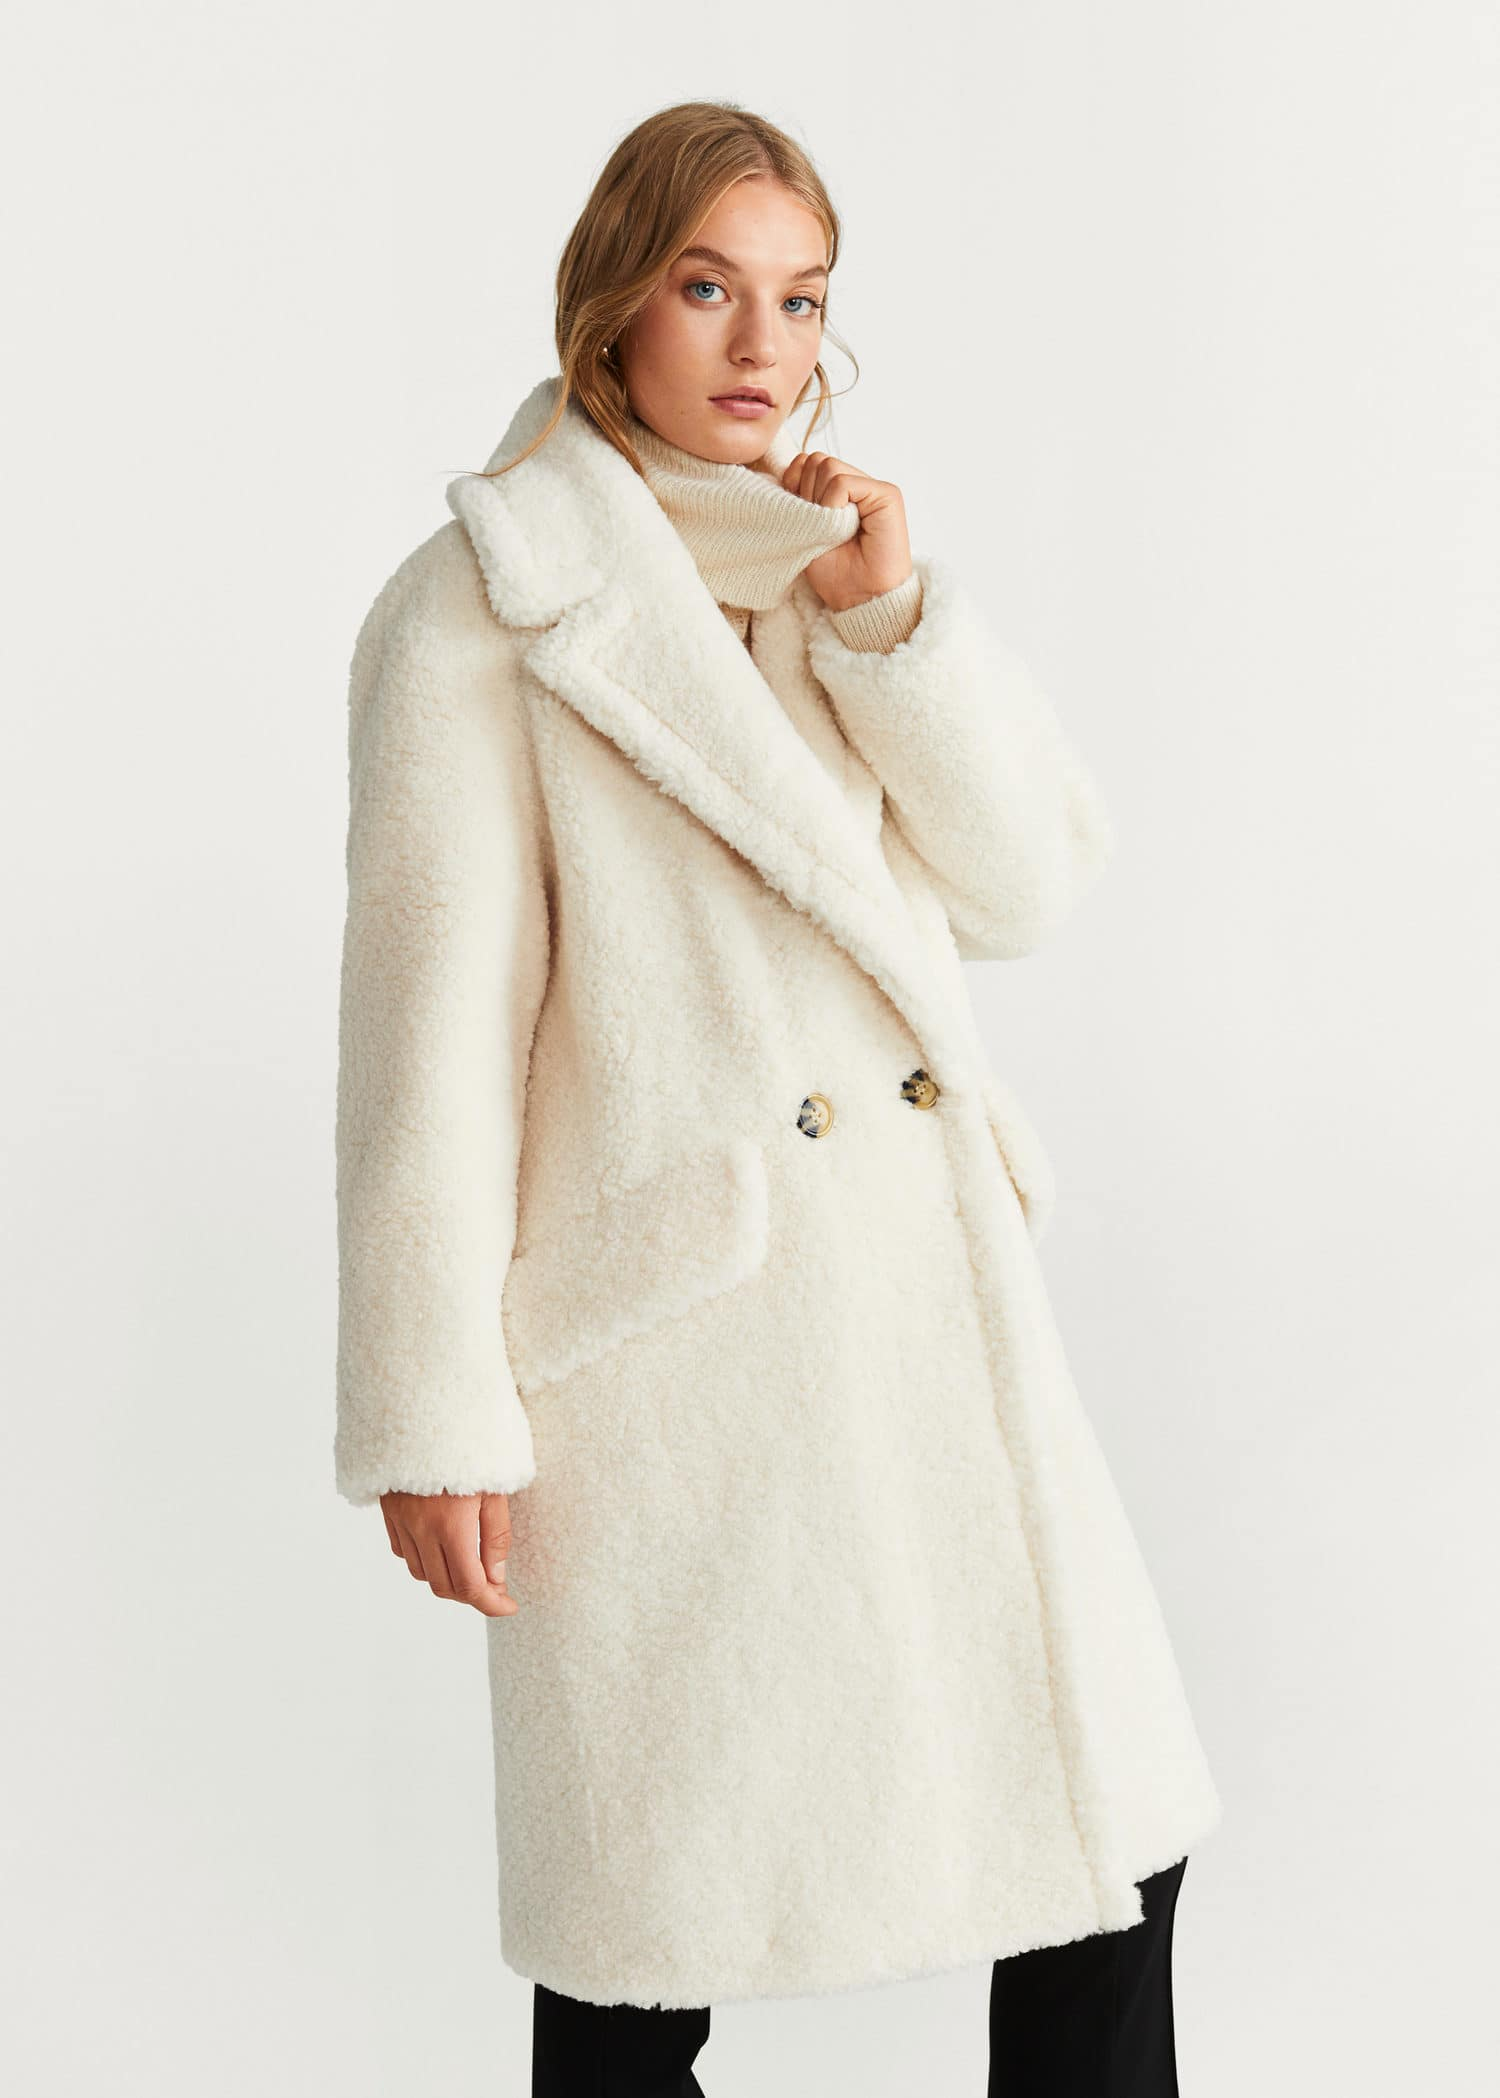 Manteau pour Femme 2019 | Mango Belgique